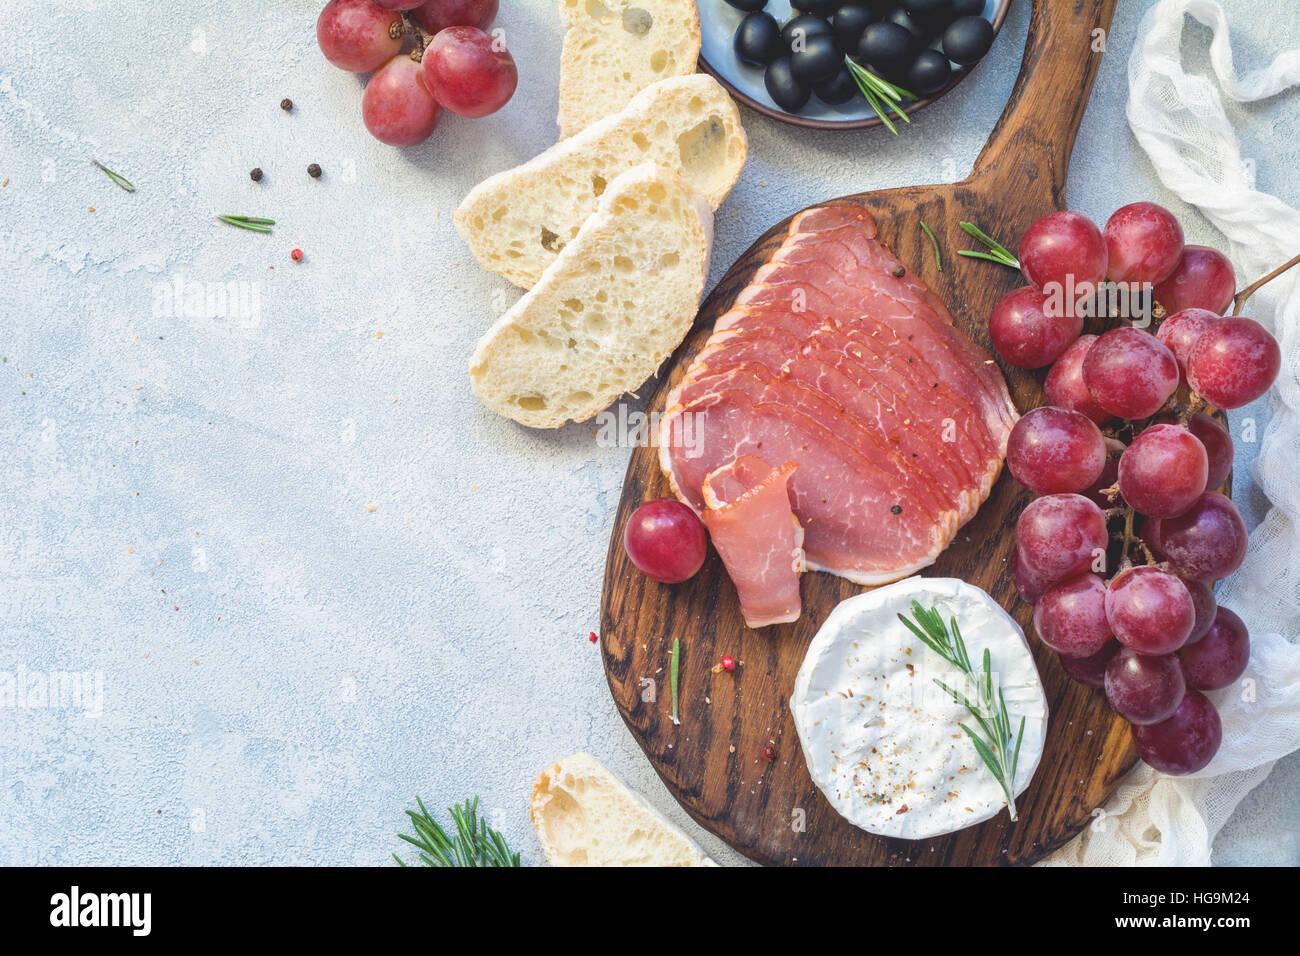 La plaque d'entrée avec baguette fraîche, de charcuterie, les raisins, le fromage et les olives. Antipasti Photo Stock